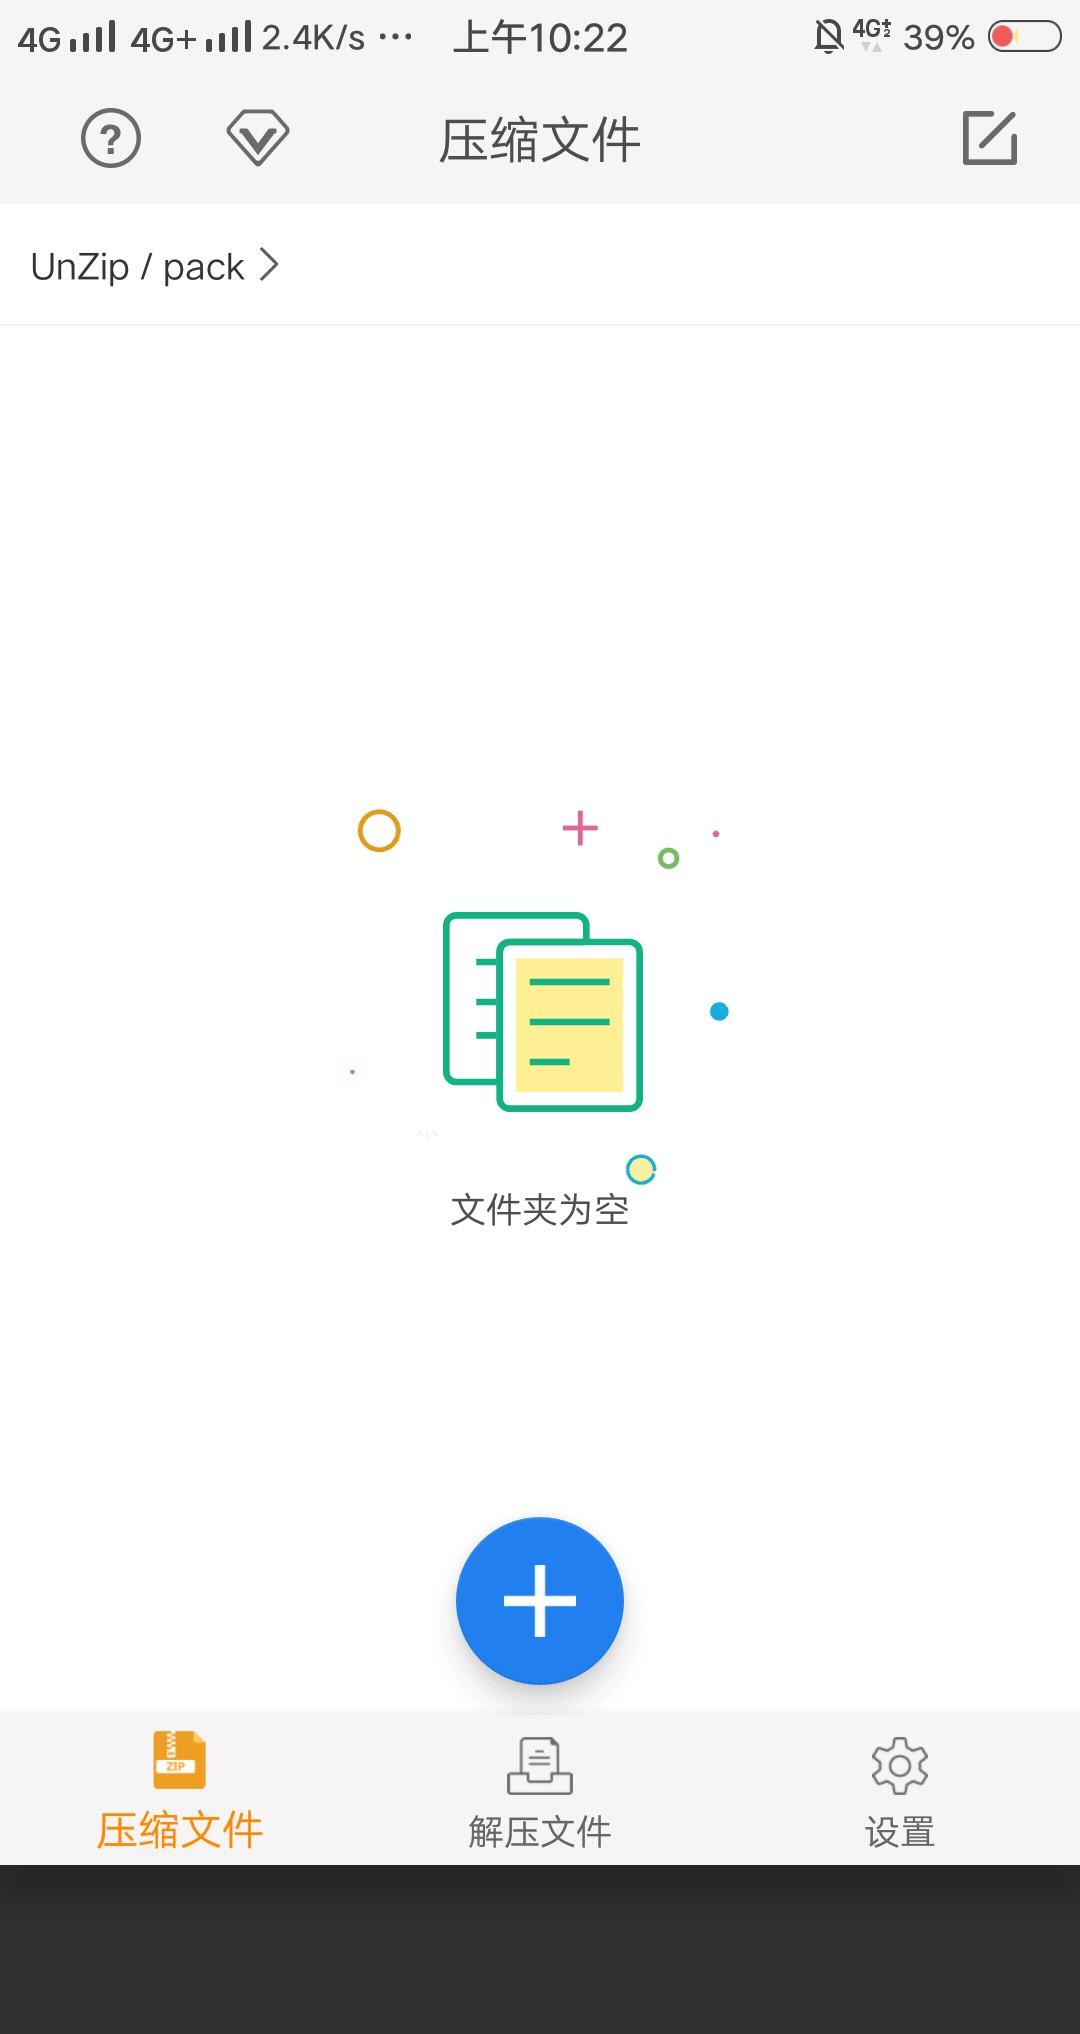 【分享】解压软件~~手机文件解压-爱小助